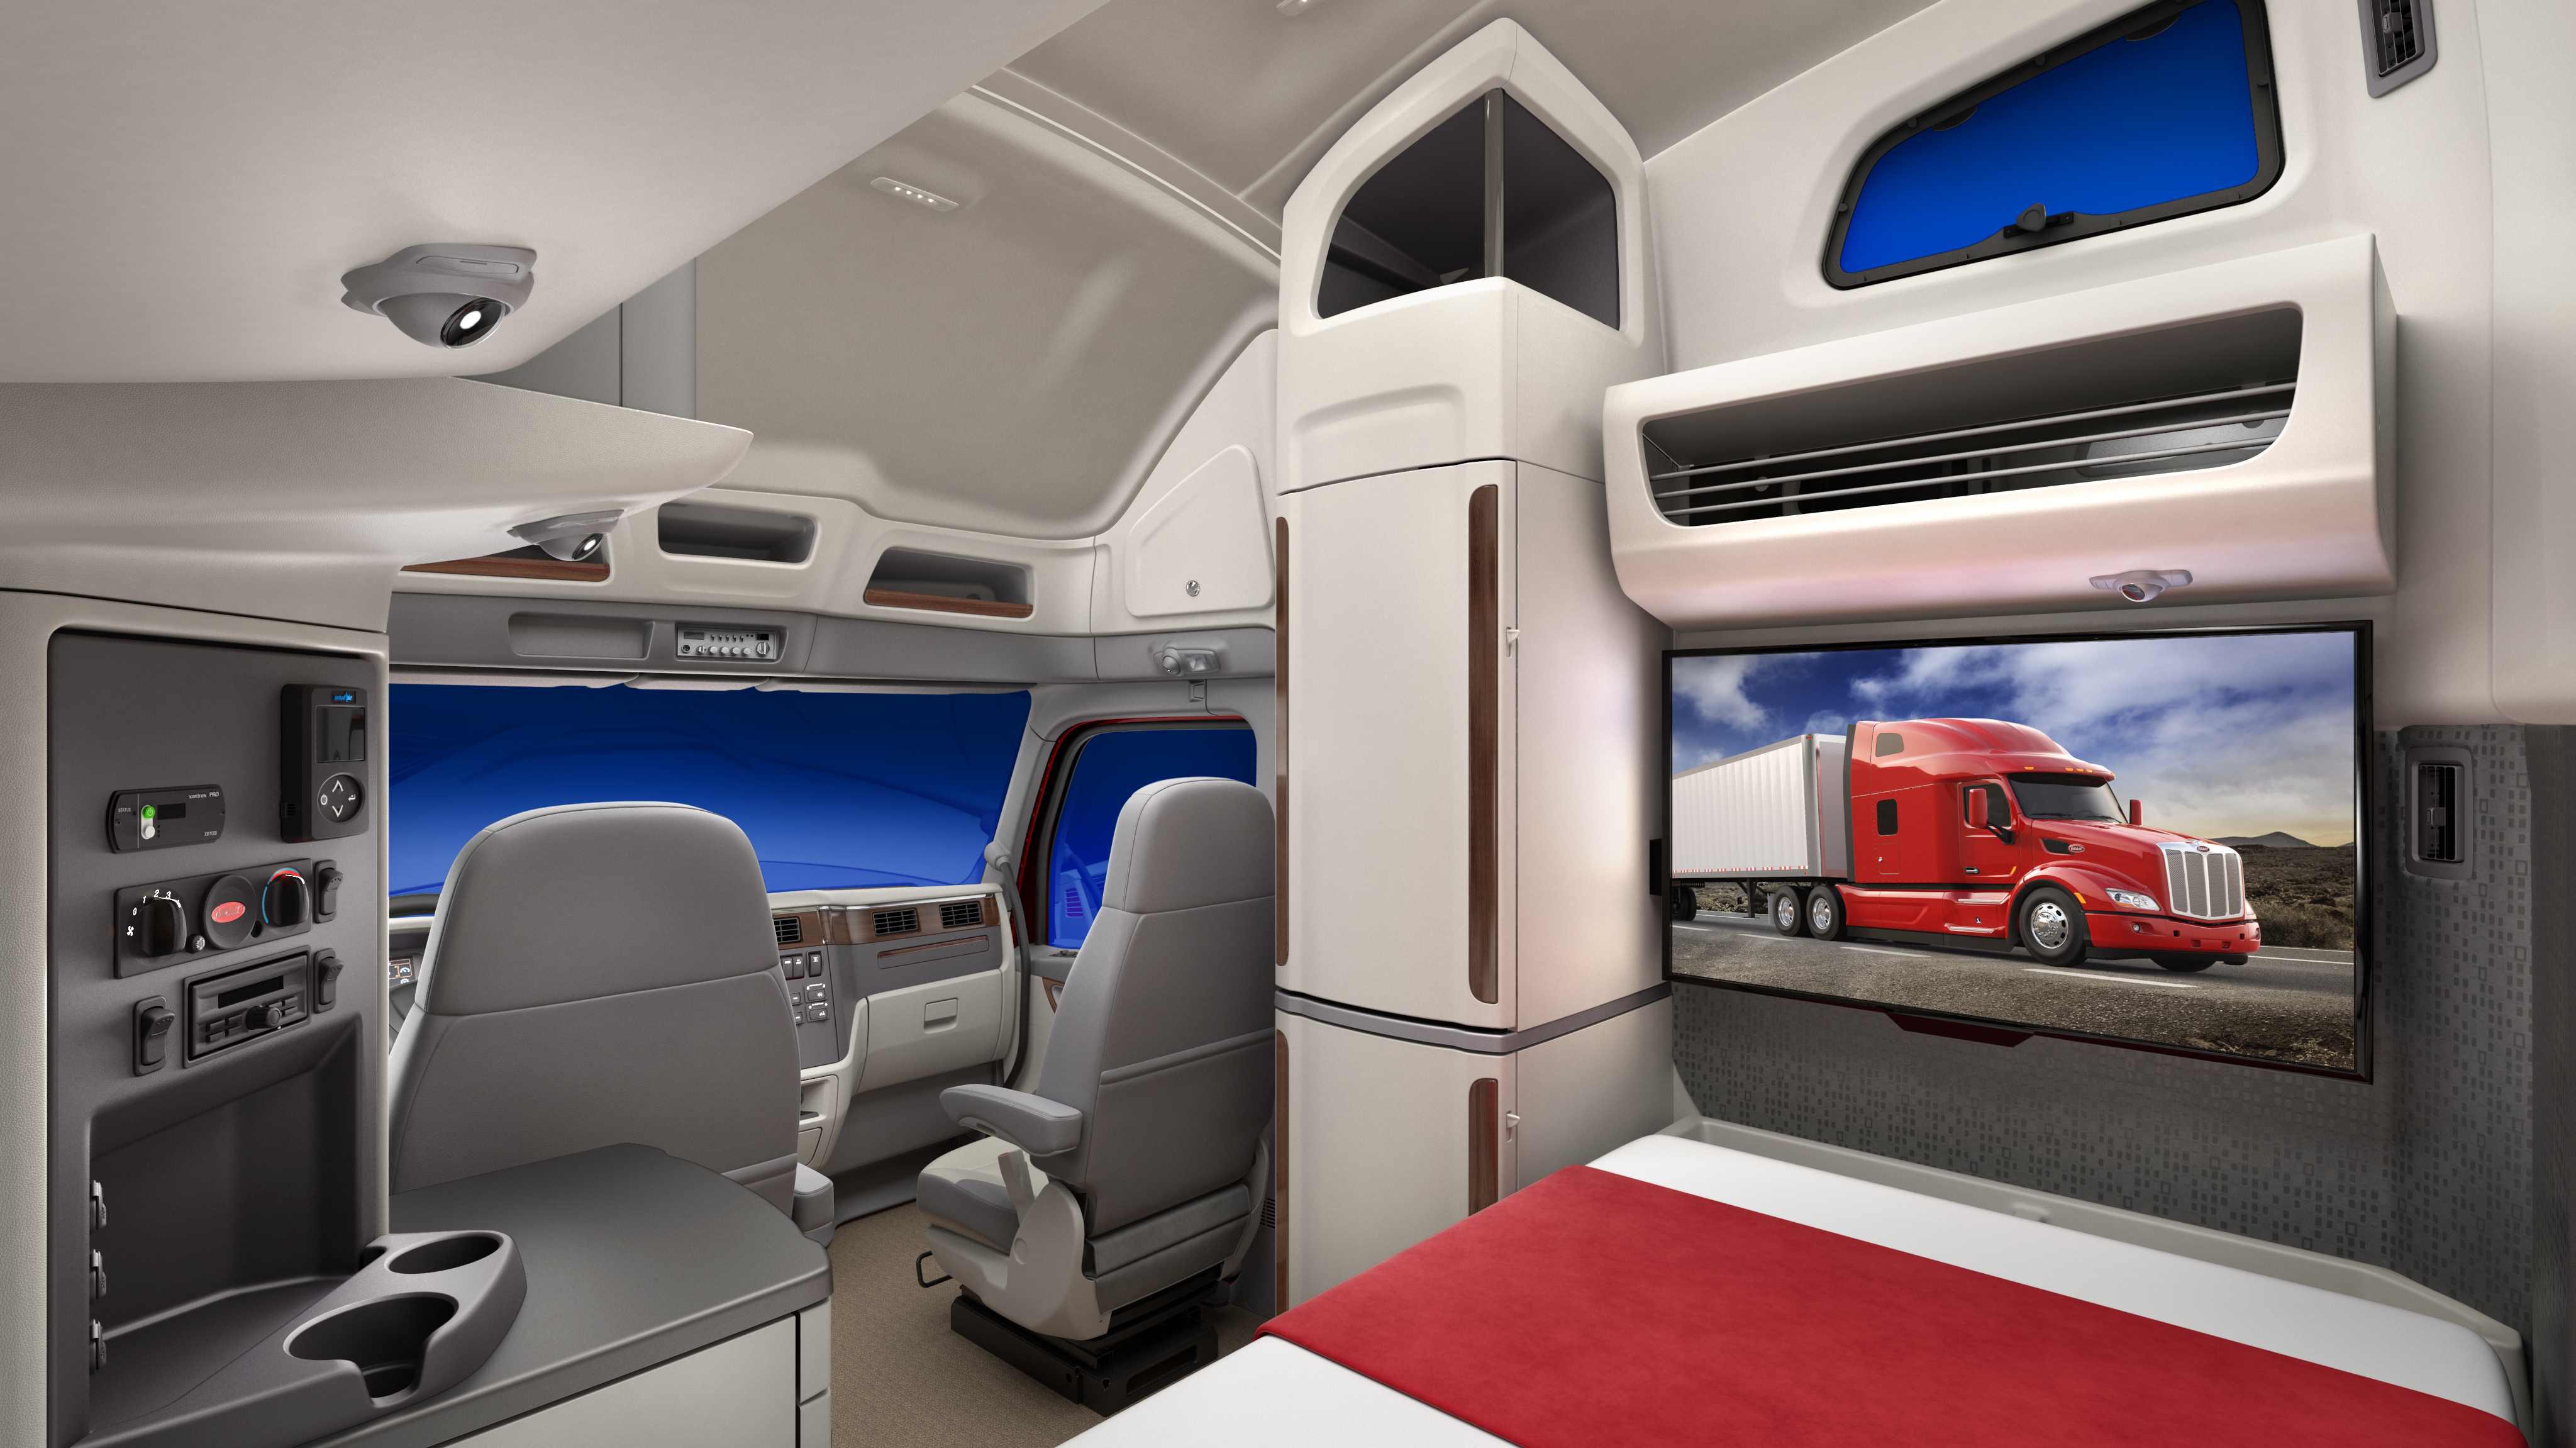 Peterbilt Unveils Ultraloft Sleeper Configuration For